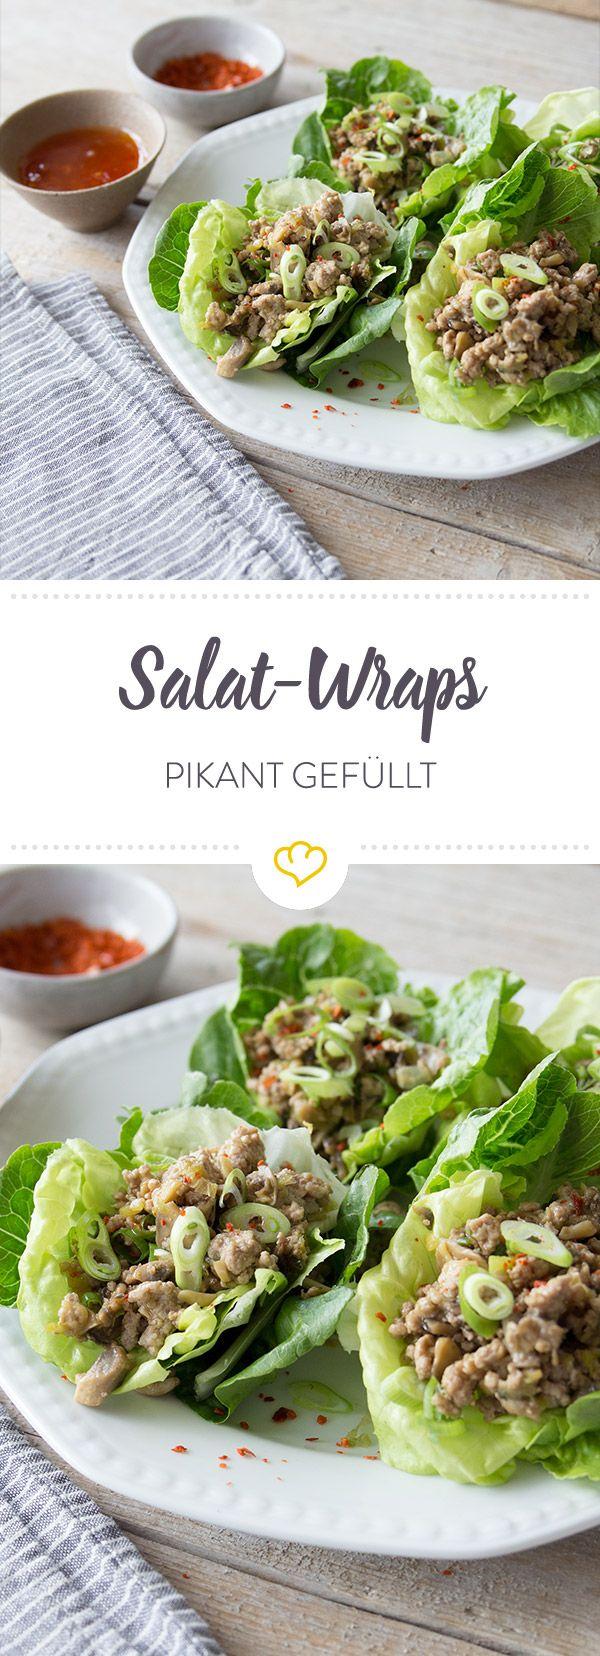 pikant gef llte salat wraps rezept vorspeisen appetizer pinterest salat lecker und essen. Black Bedroom Furniture Sets. Home Design Ideas